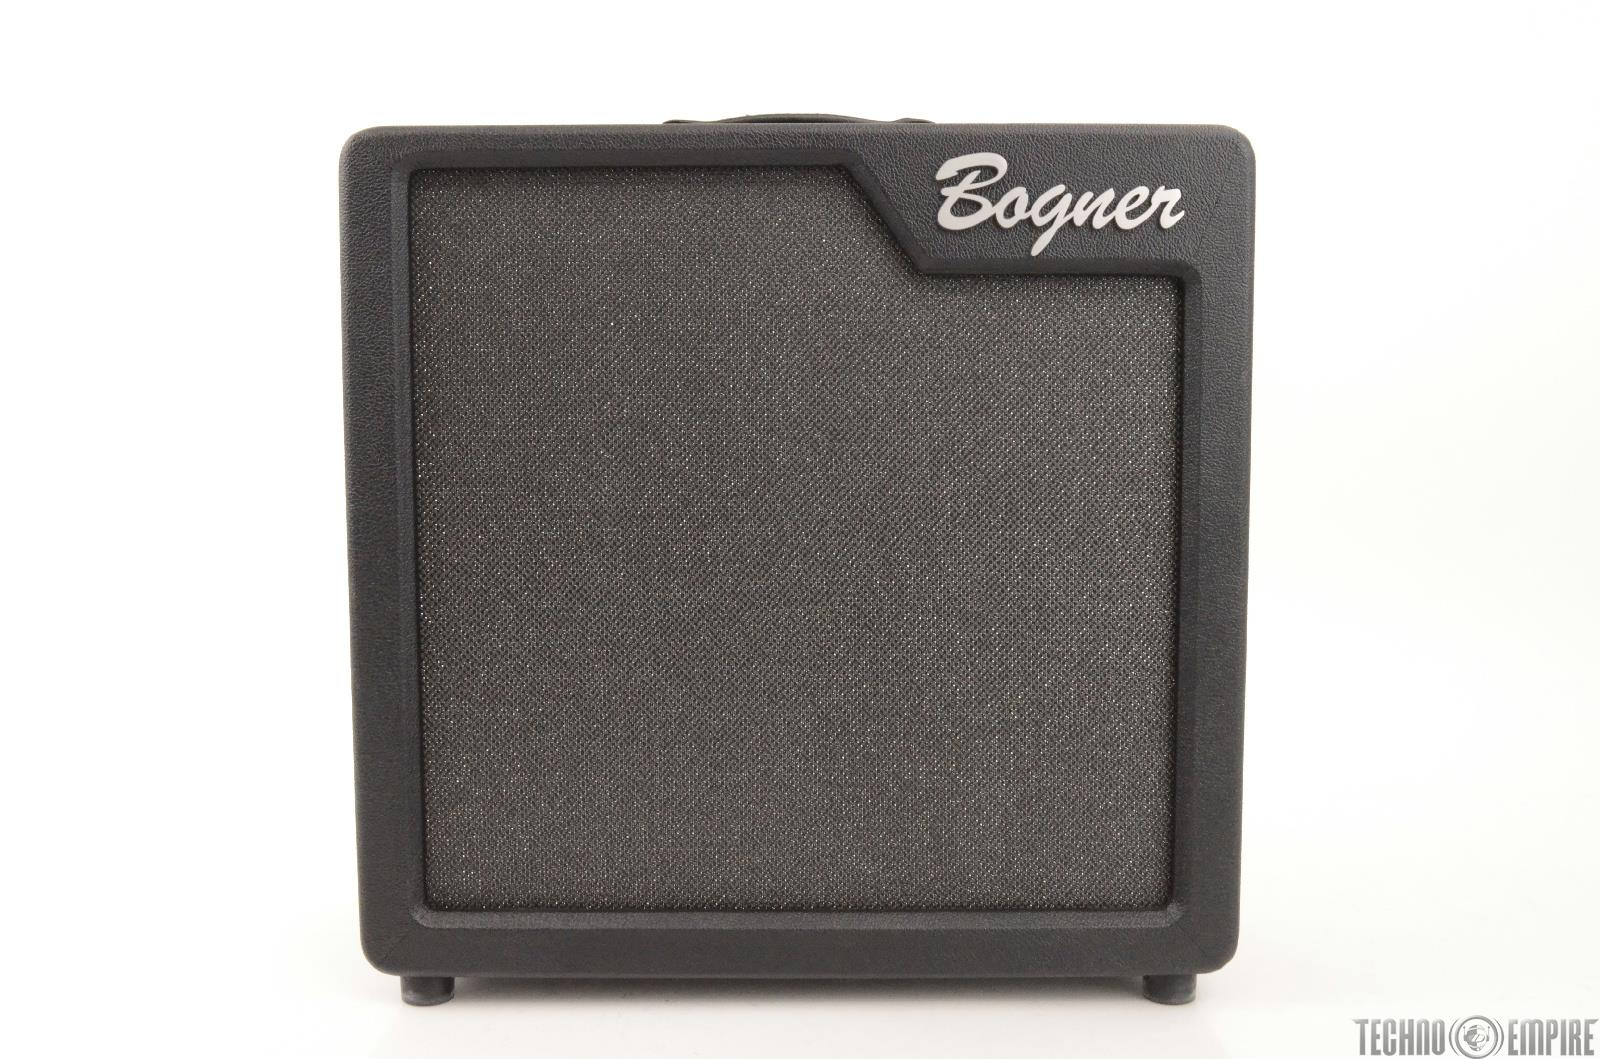 BOGNER Alchemist 2x12 Cab MOJO BV-25M 8Ω Speaker Cabinet w/ Road ...